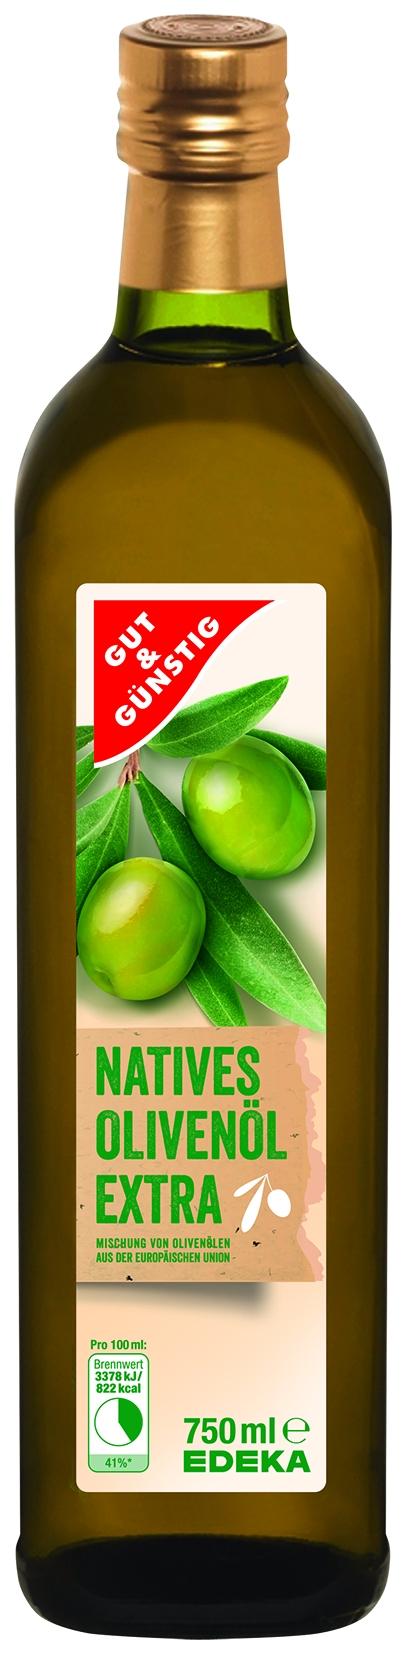 Olivenoel nativ Extra